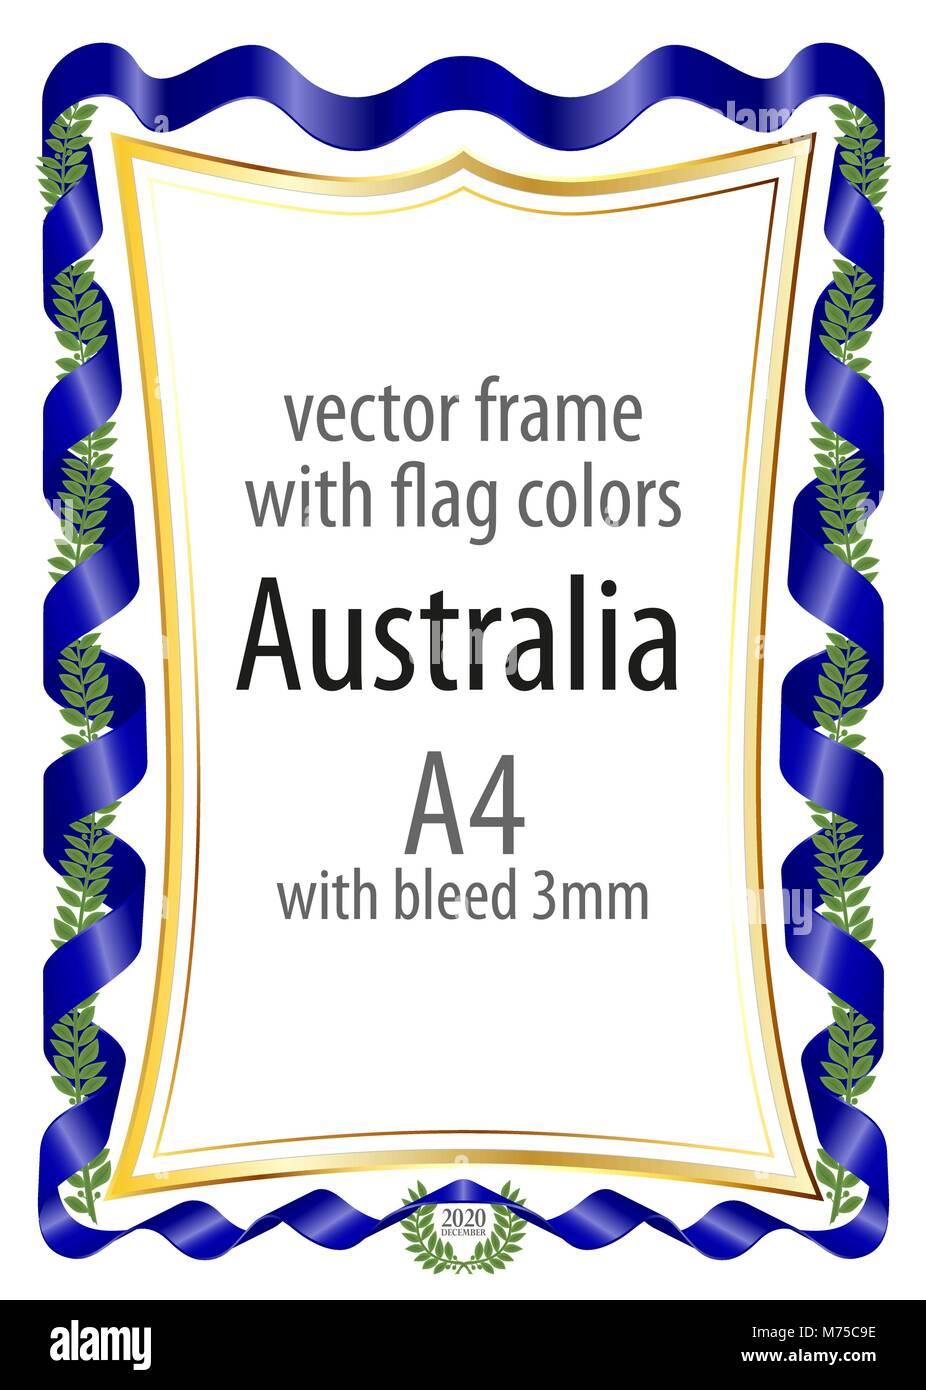 Ziemlich Fotorahmen Setzt Australien Bilder - Benutzerdefinierte ...